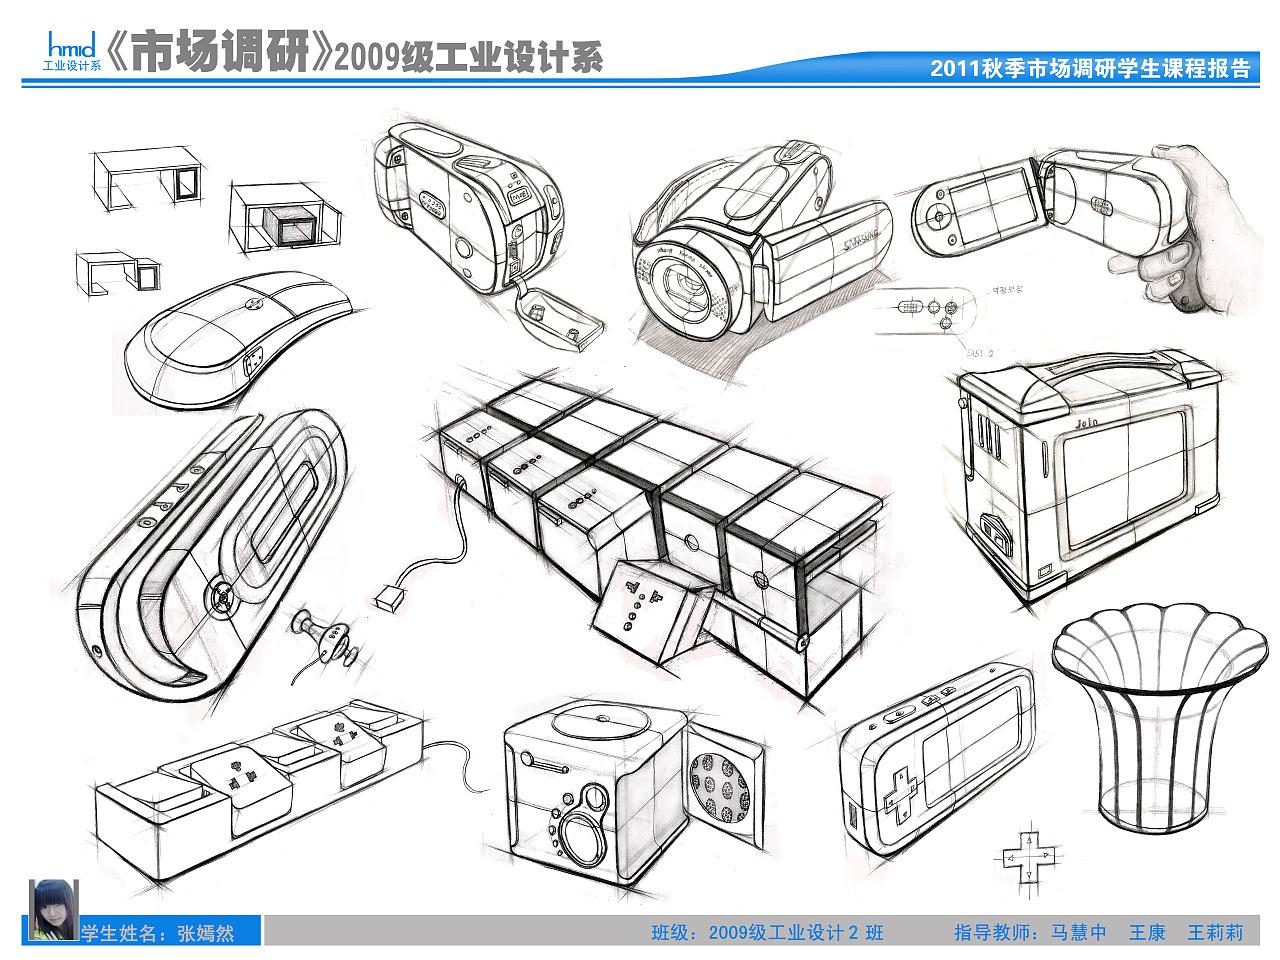 工业产品手绘_产品手绘|工业/产品|电子产品|zhangyanran - 原创作品 - 站酷 (ZCOOL)